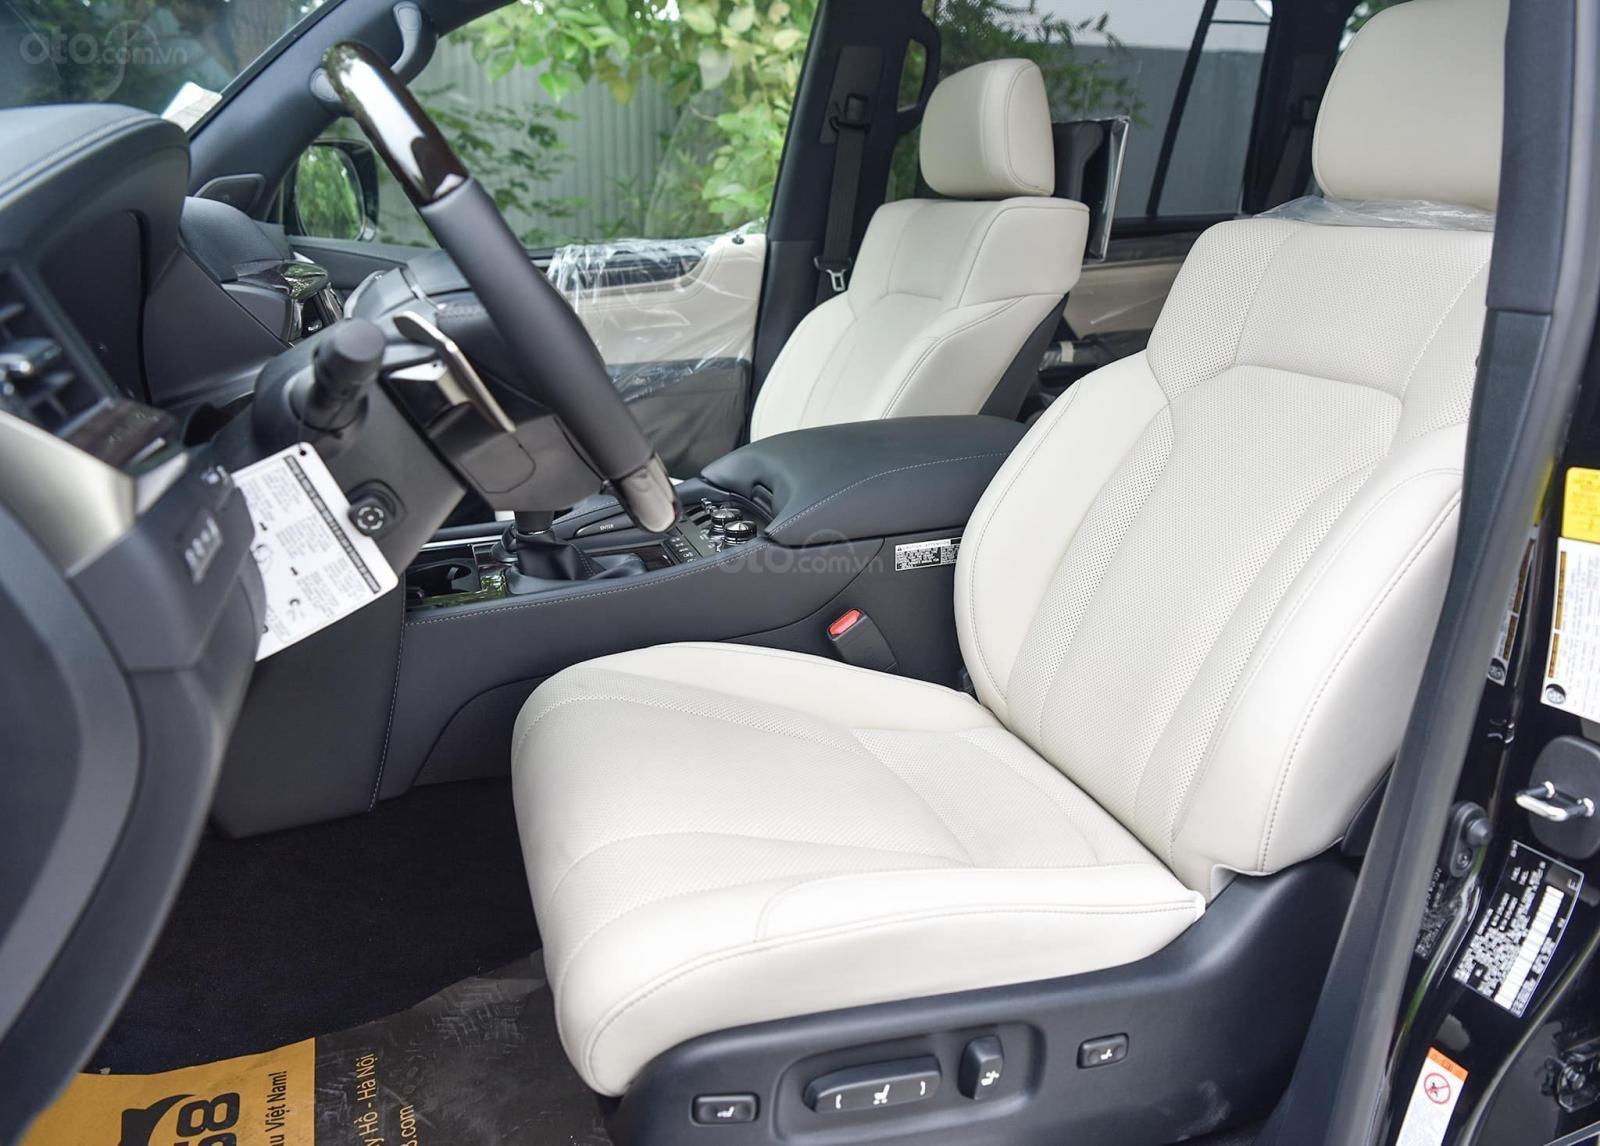 Giao ngay Lexus LX LX570 Inspiration 2019 giá tốt, phiên bản giới hạn 500 xe duy nhất (10)